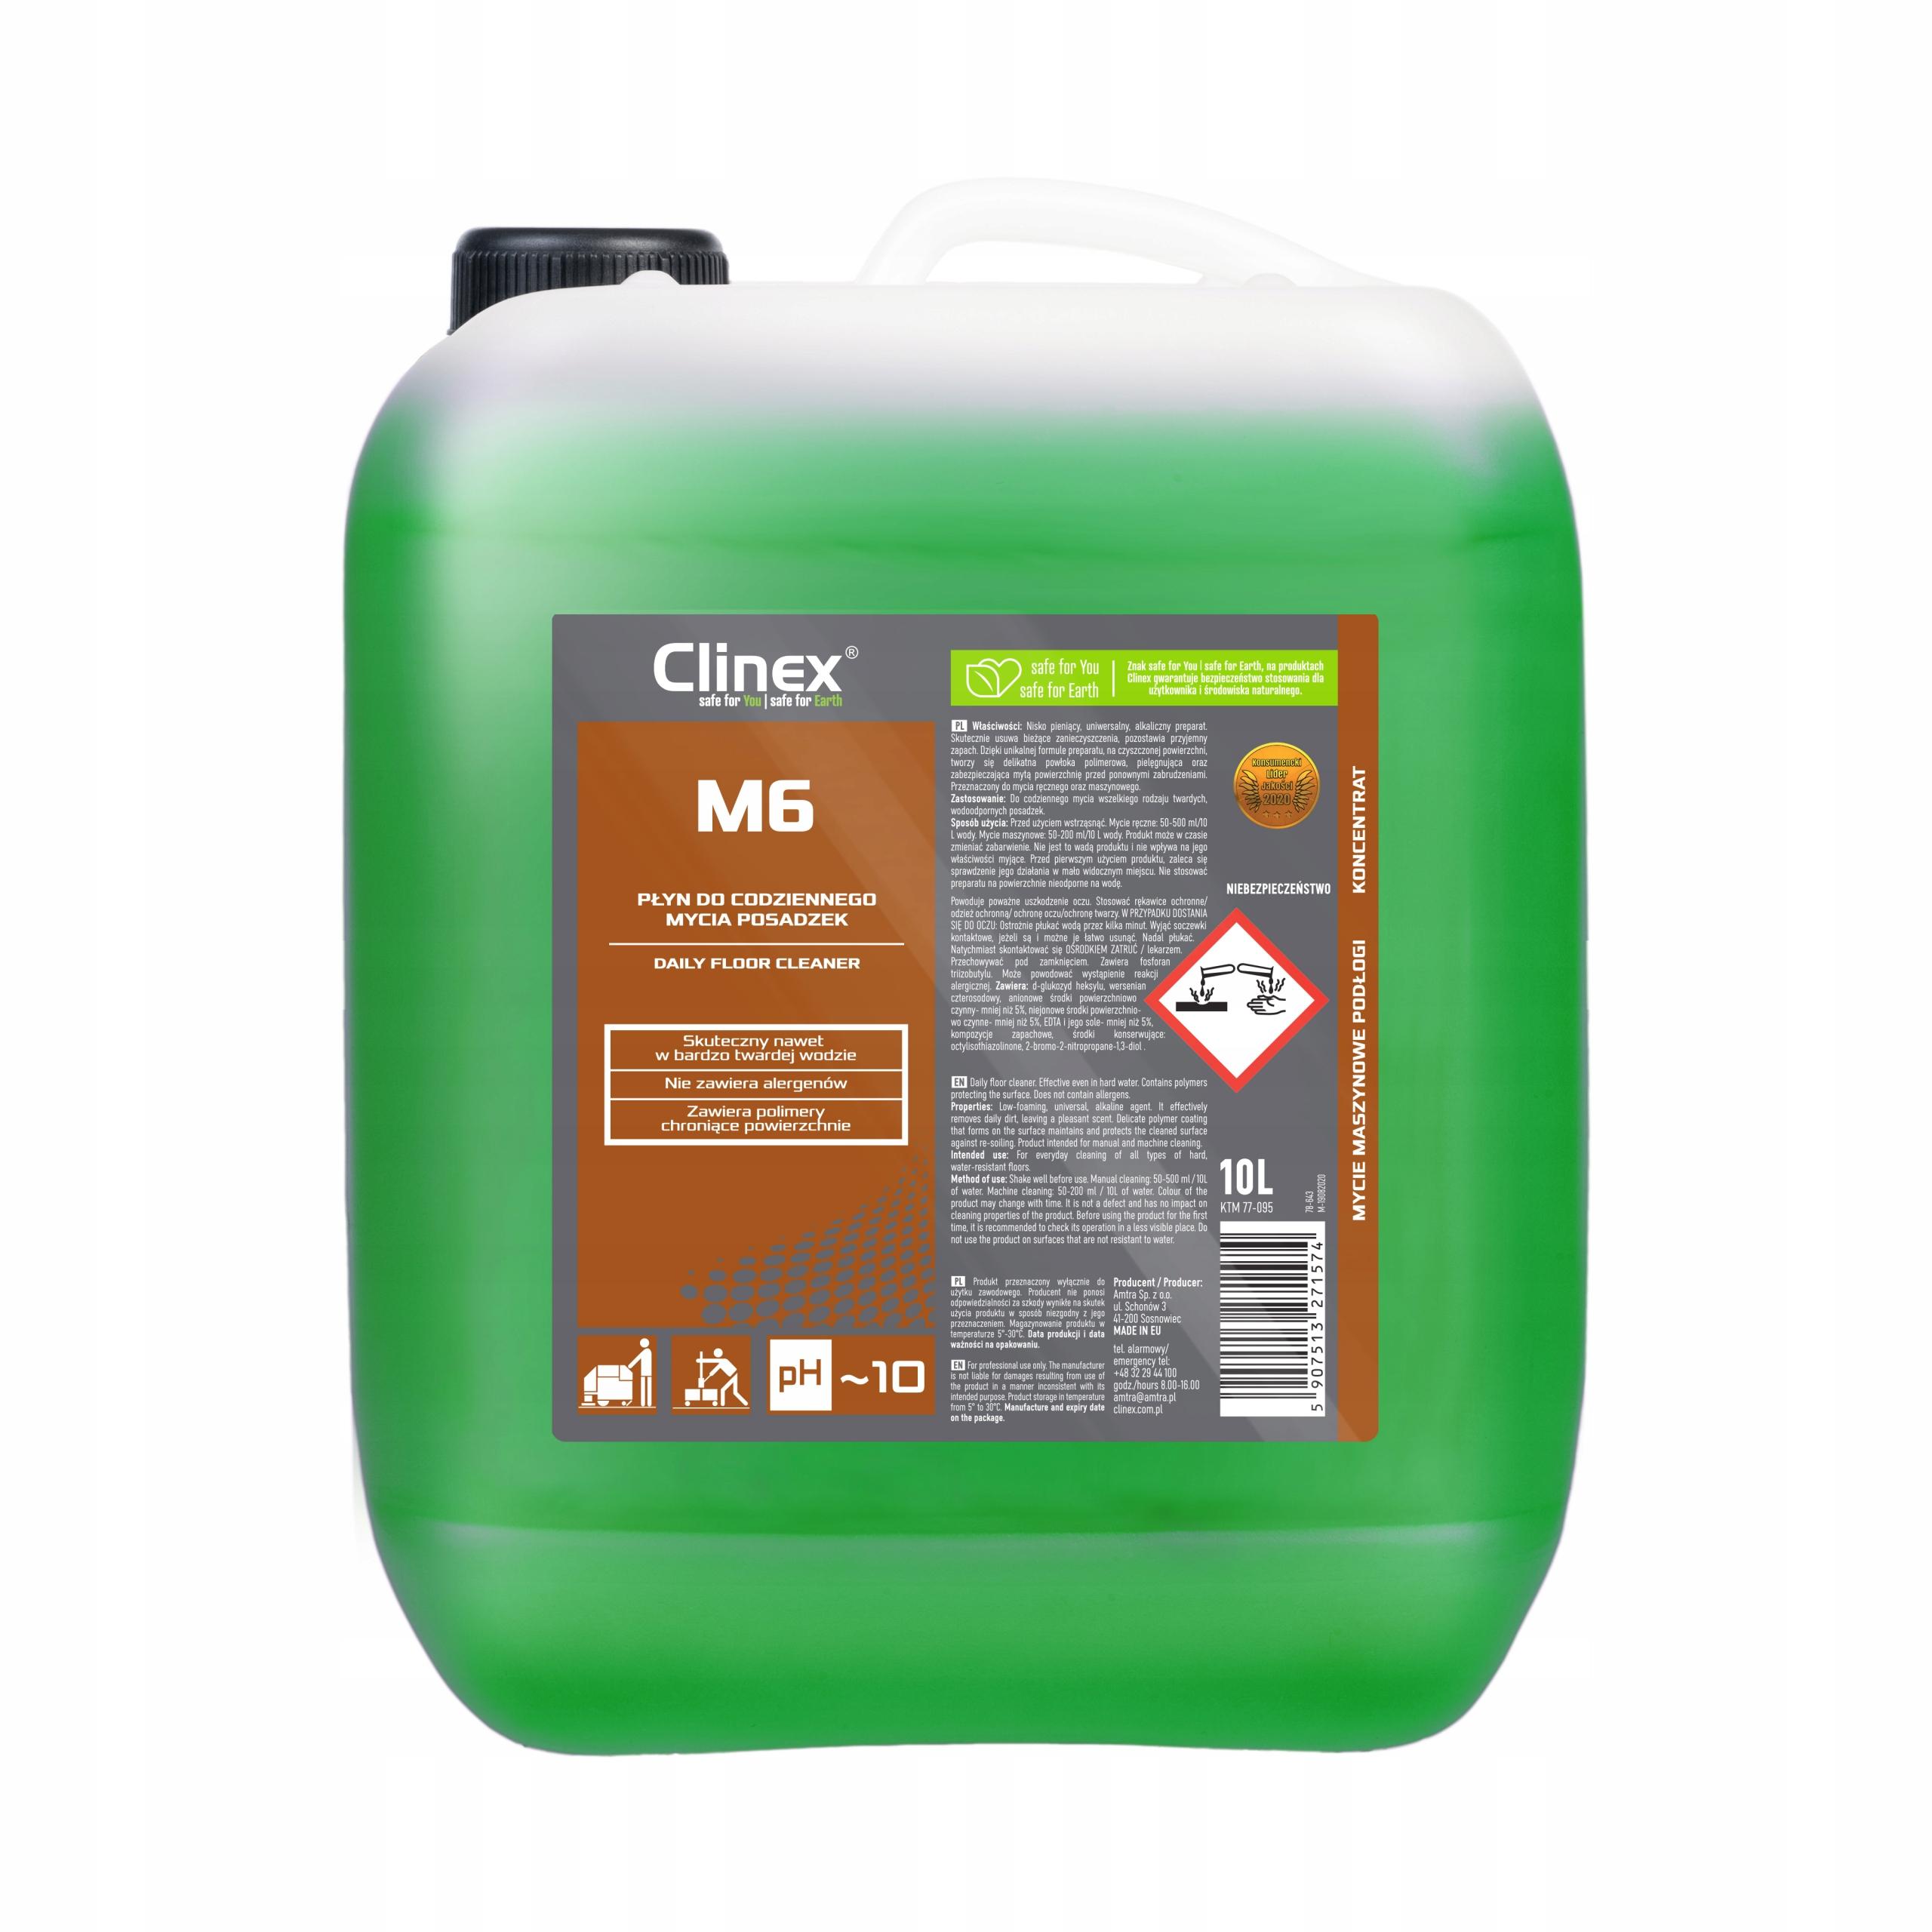 Clinex M6 Средний - Пол стиральная жидкость - 10 л